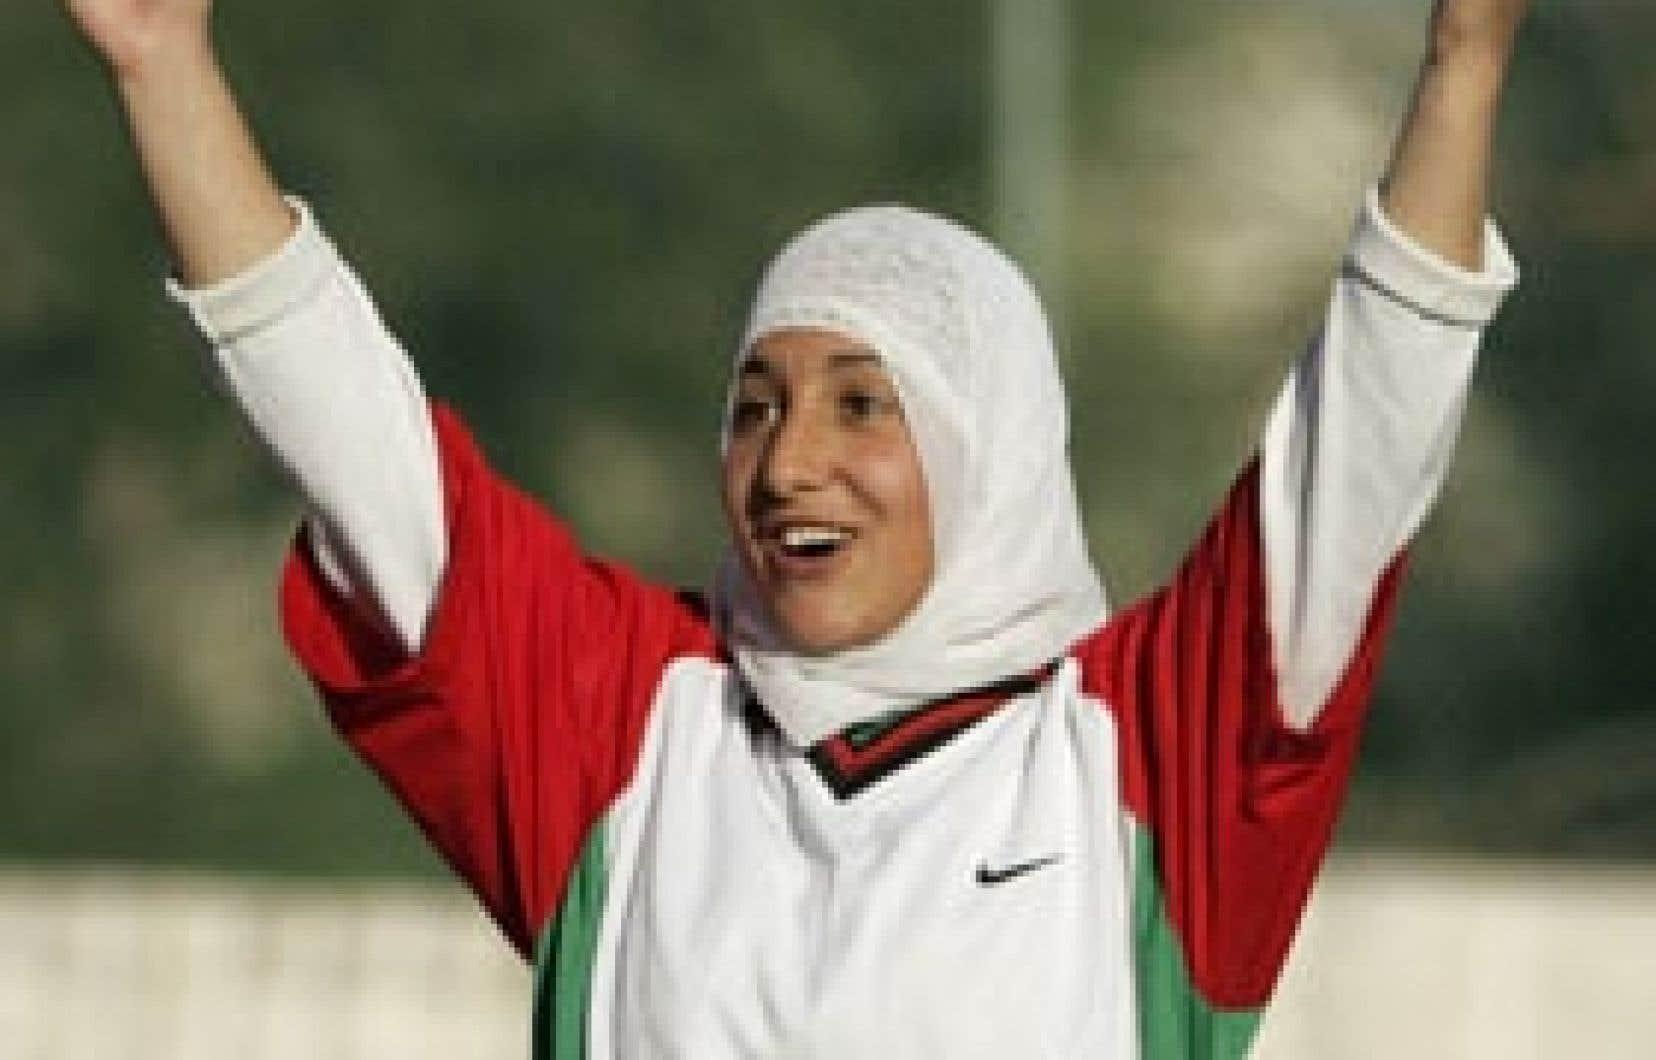 Une footballeuse de l'équipe nationale de soccer palestinienne à l'entraînement, à Bethléem, le 21 février dernier. La fédération internationale, à laquelle appartient l'équipe, autorise le port du hijab.